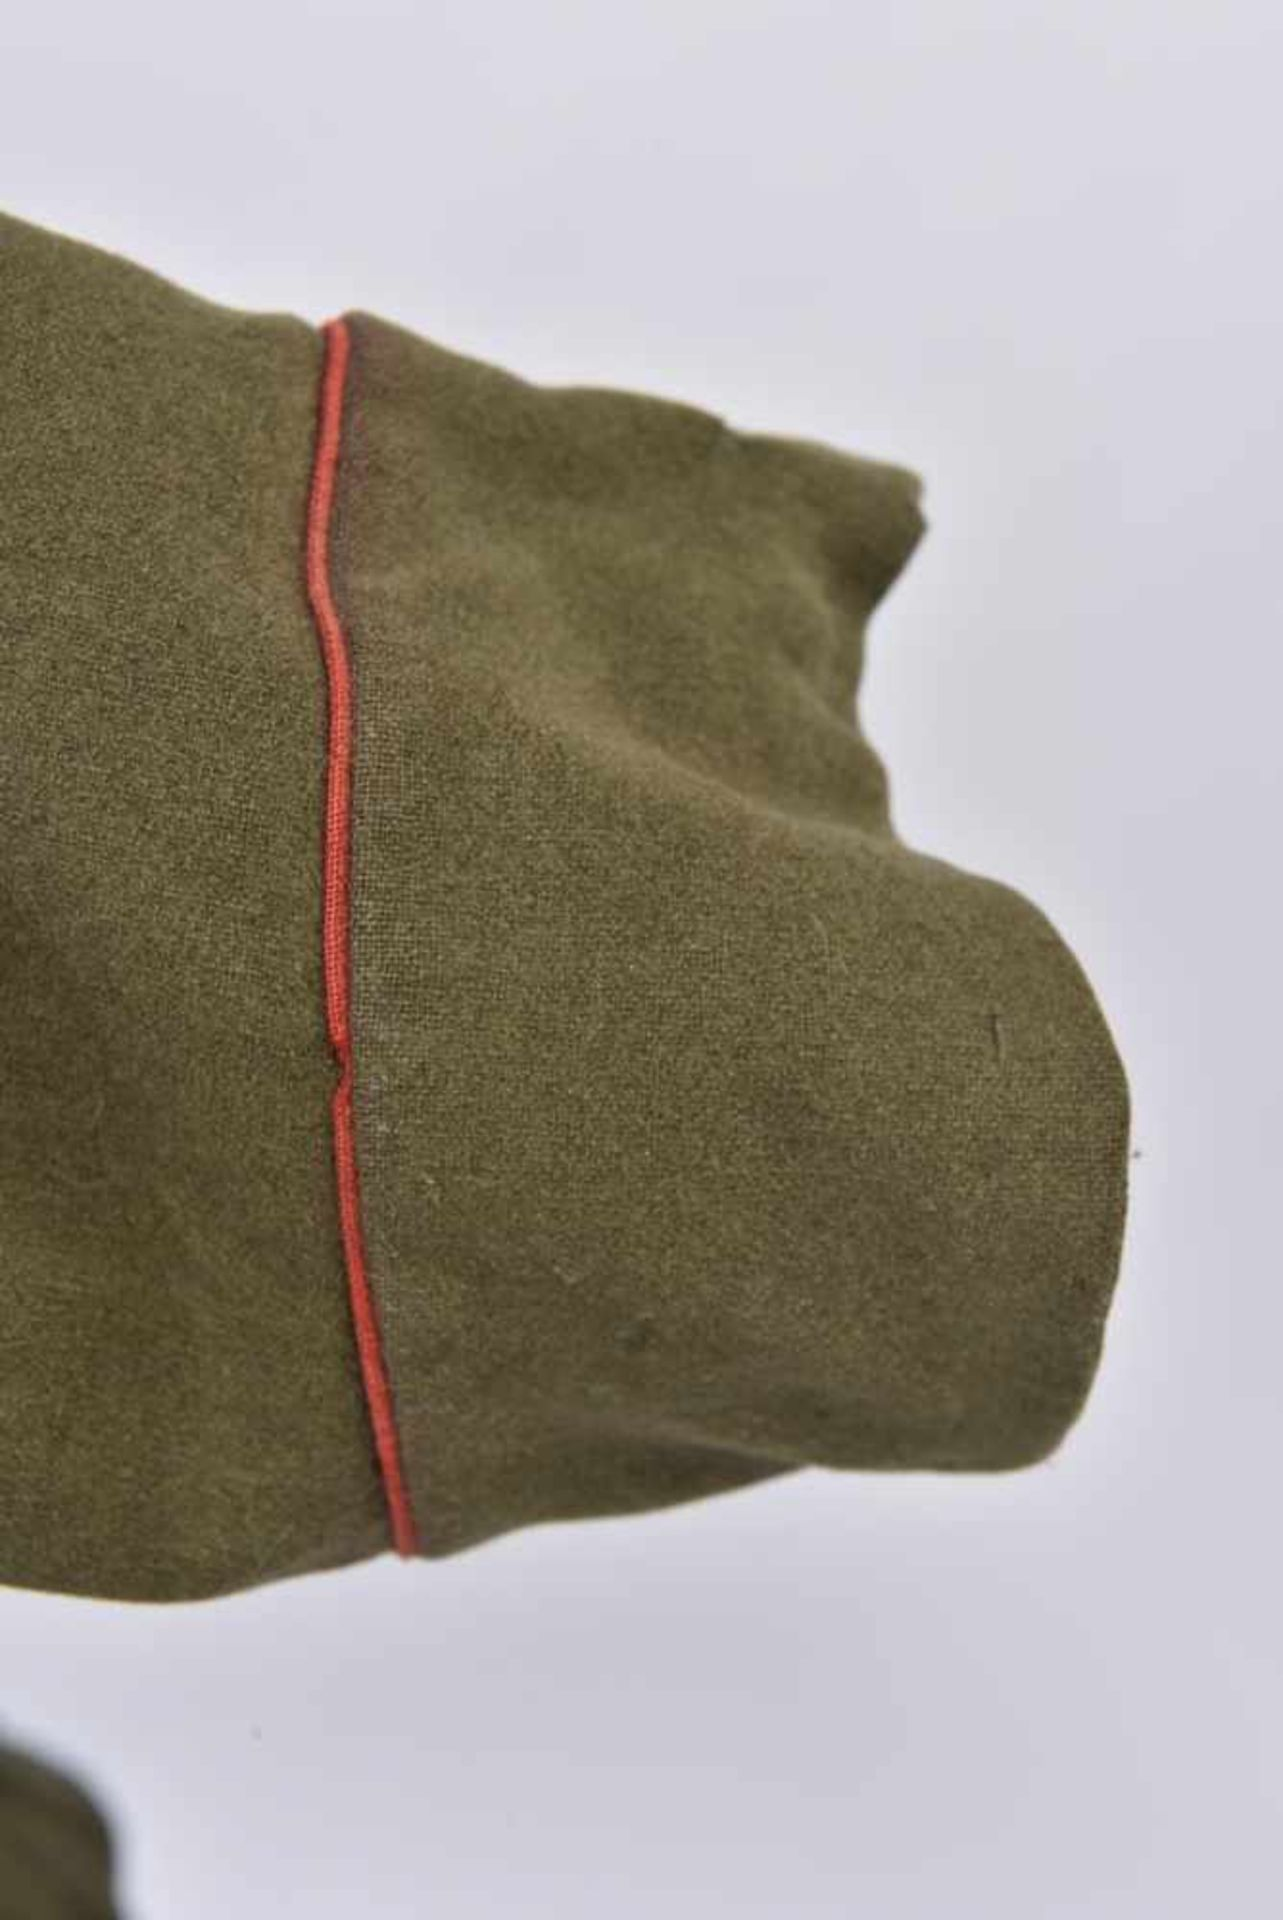 Ensemble comprenant veste Mundir d'un soldat de l'artillerie ou des blindés. Passepoil rouge et - Bild 3 aus 4